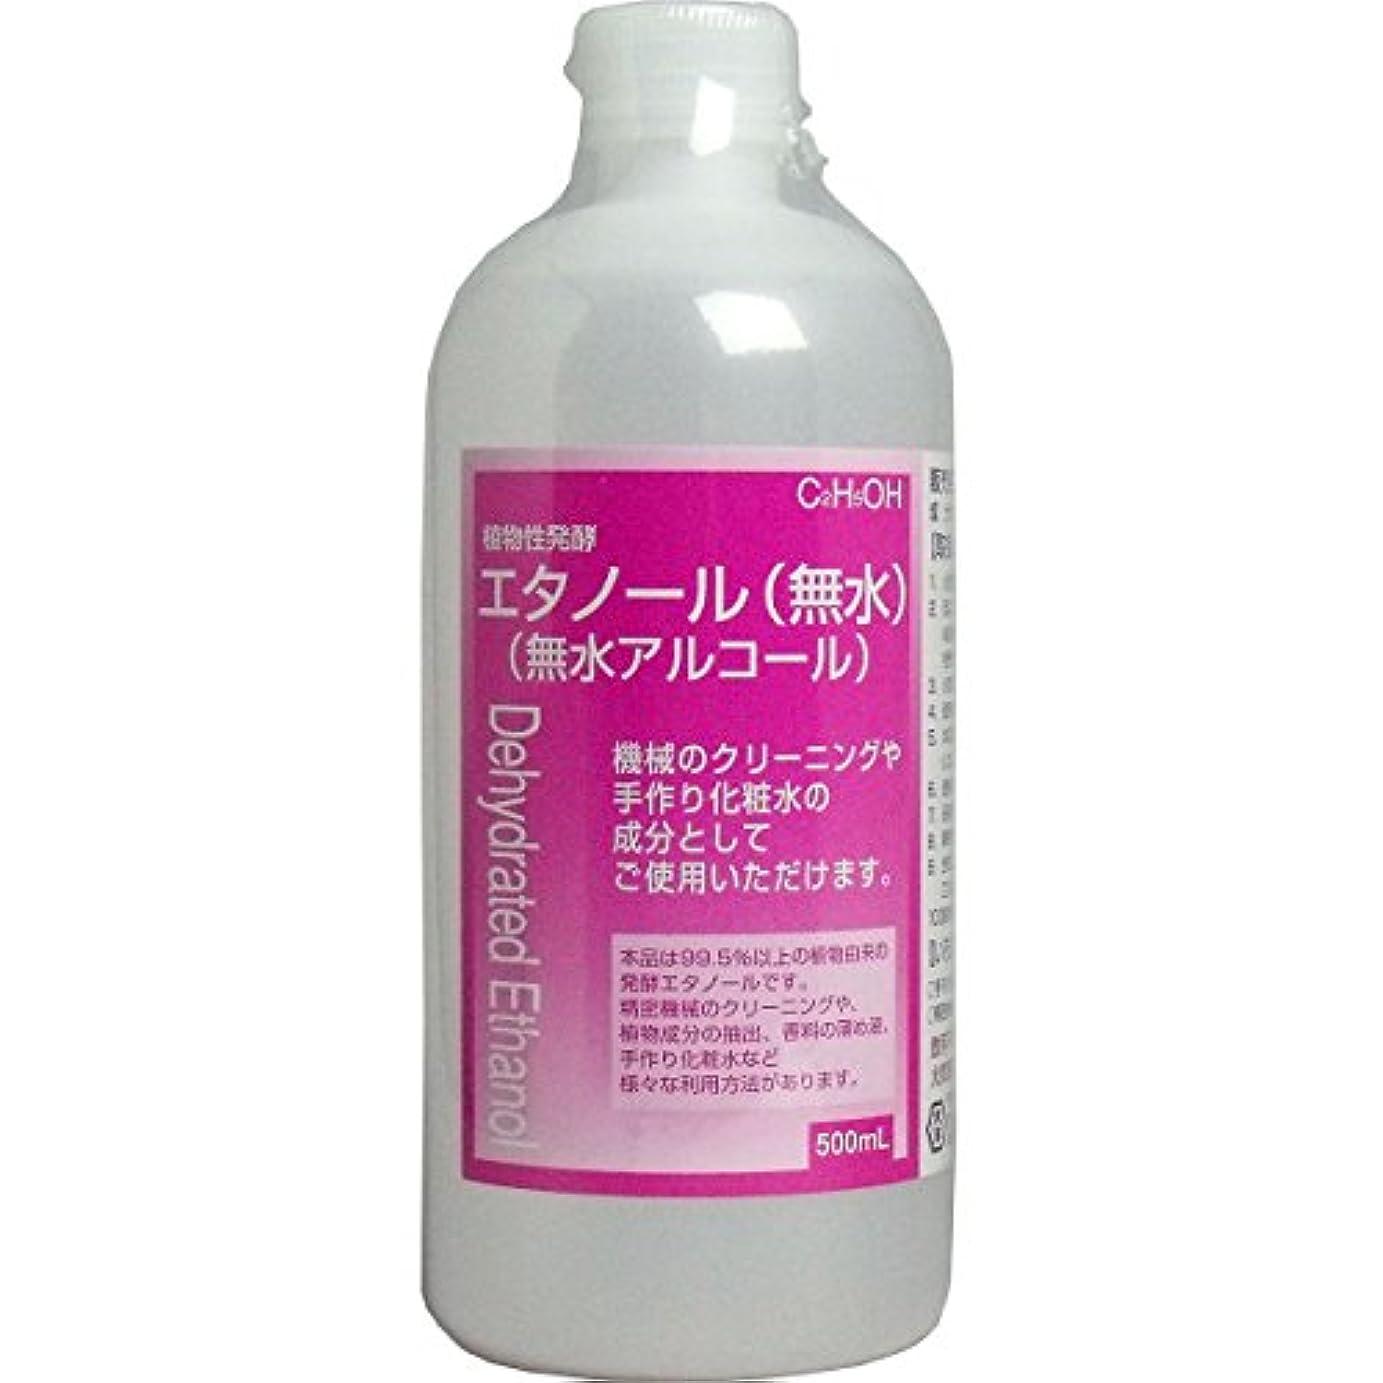 大量金銭的な哺乳類手作り化粧水に 植物性発酵エタノール(無水エタノール) 500mL